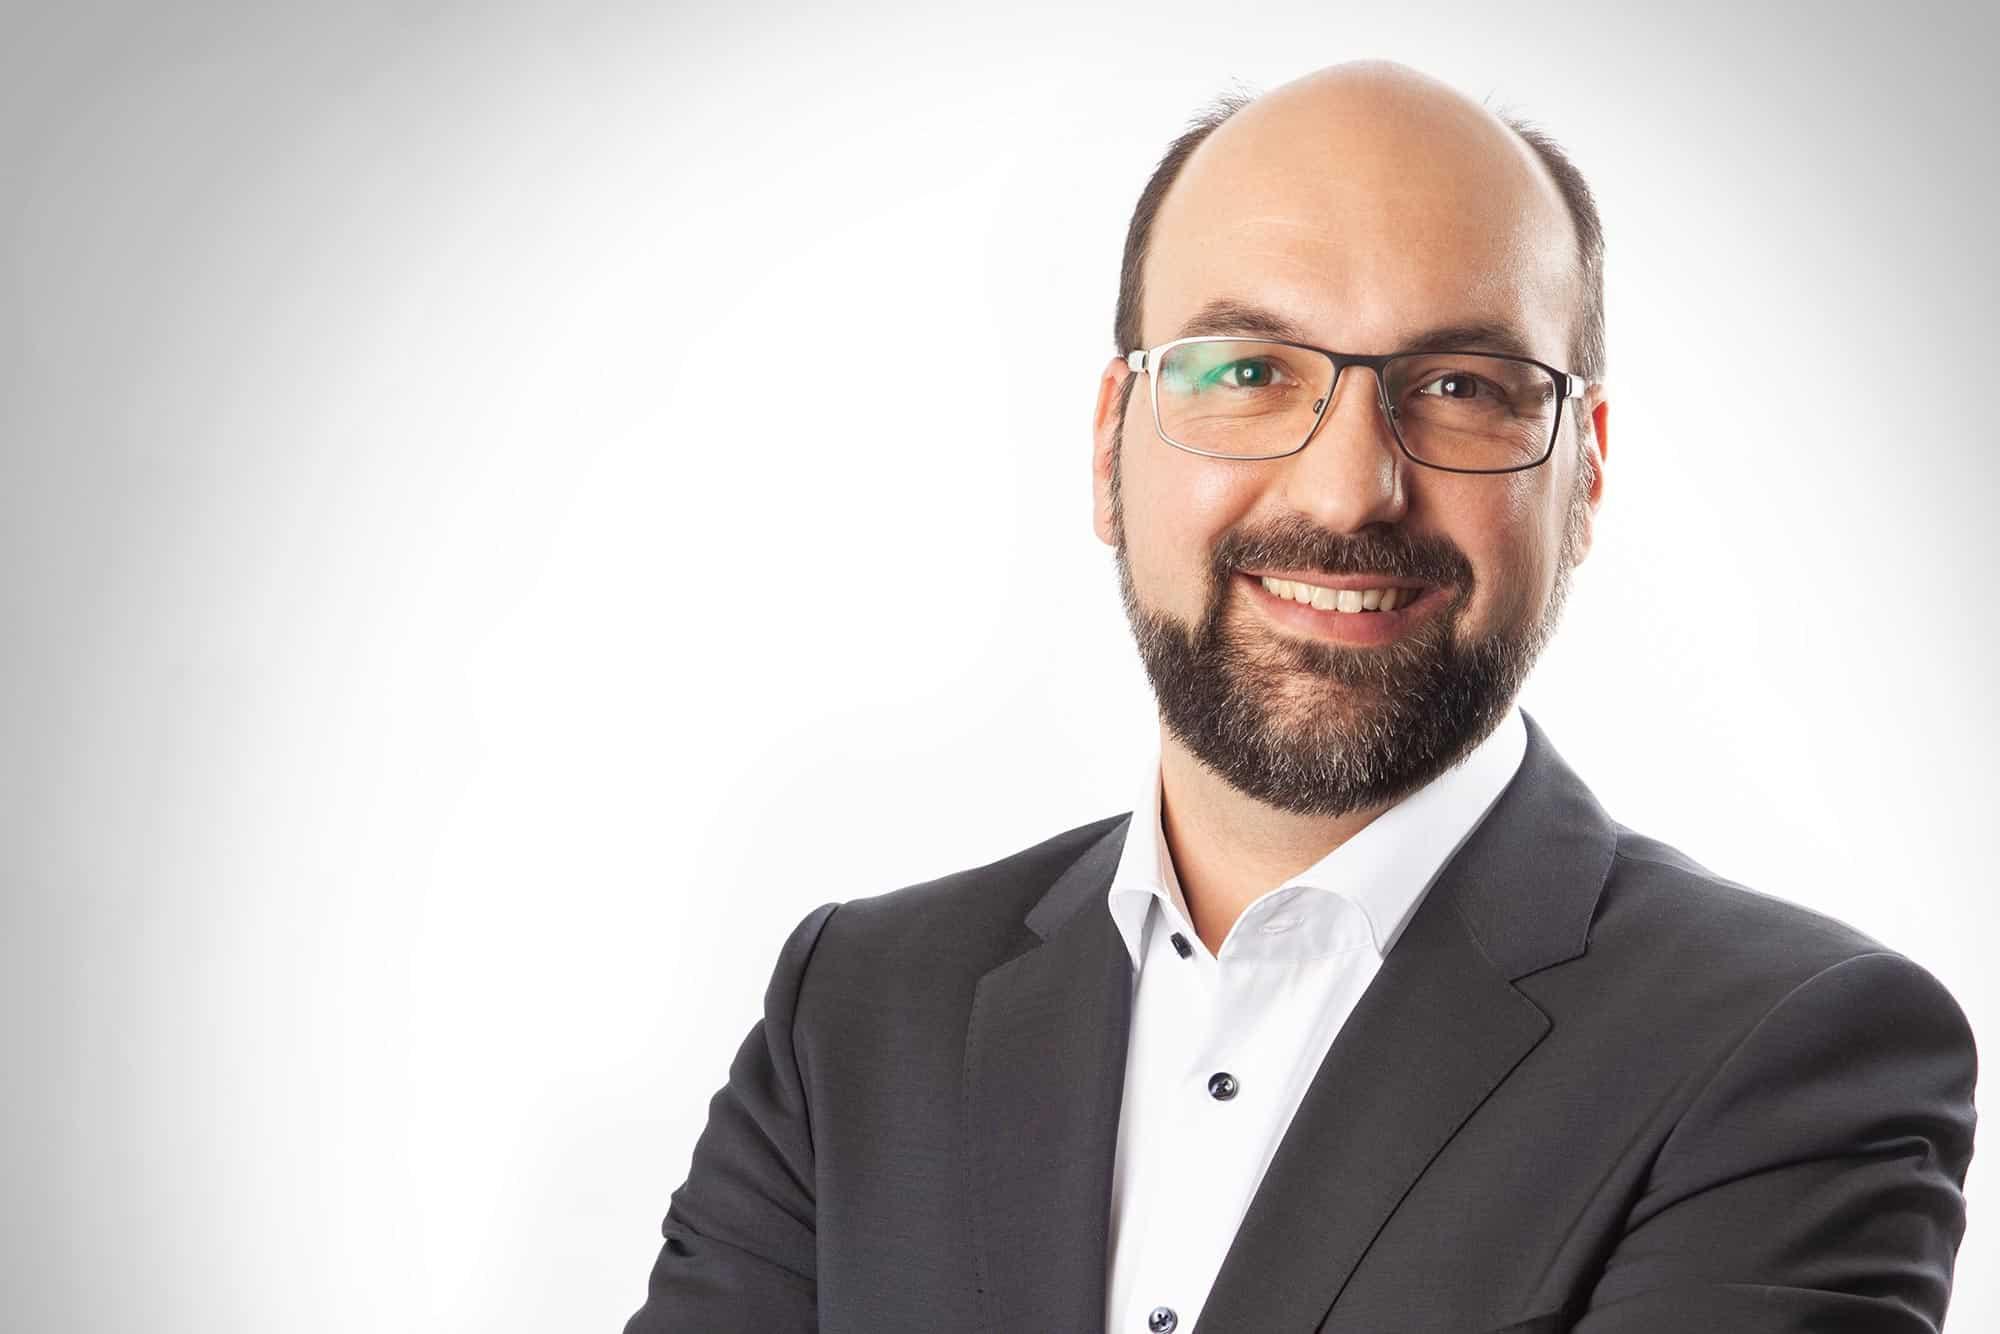 Daniel Erlwein